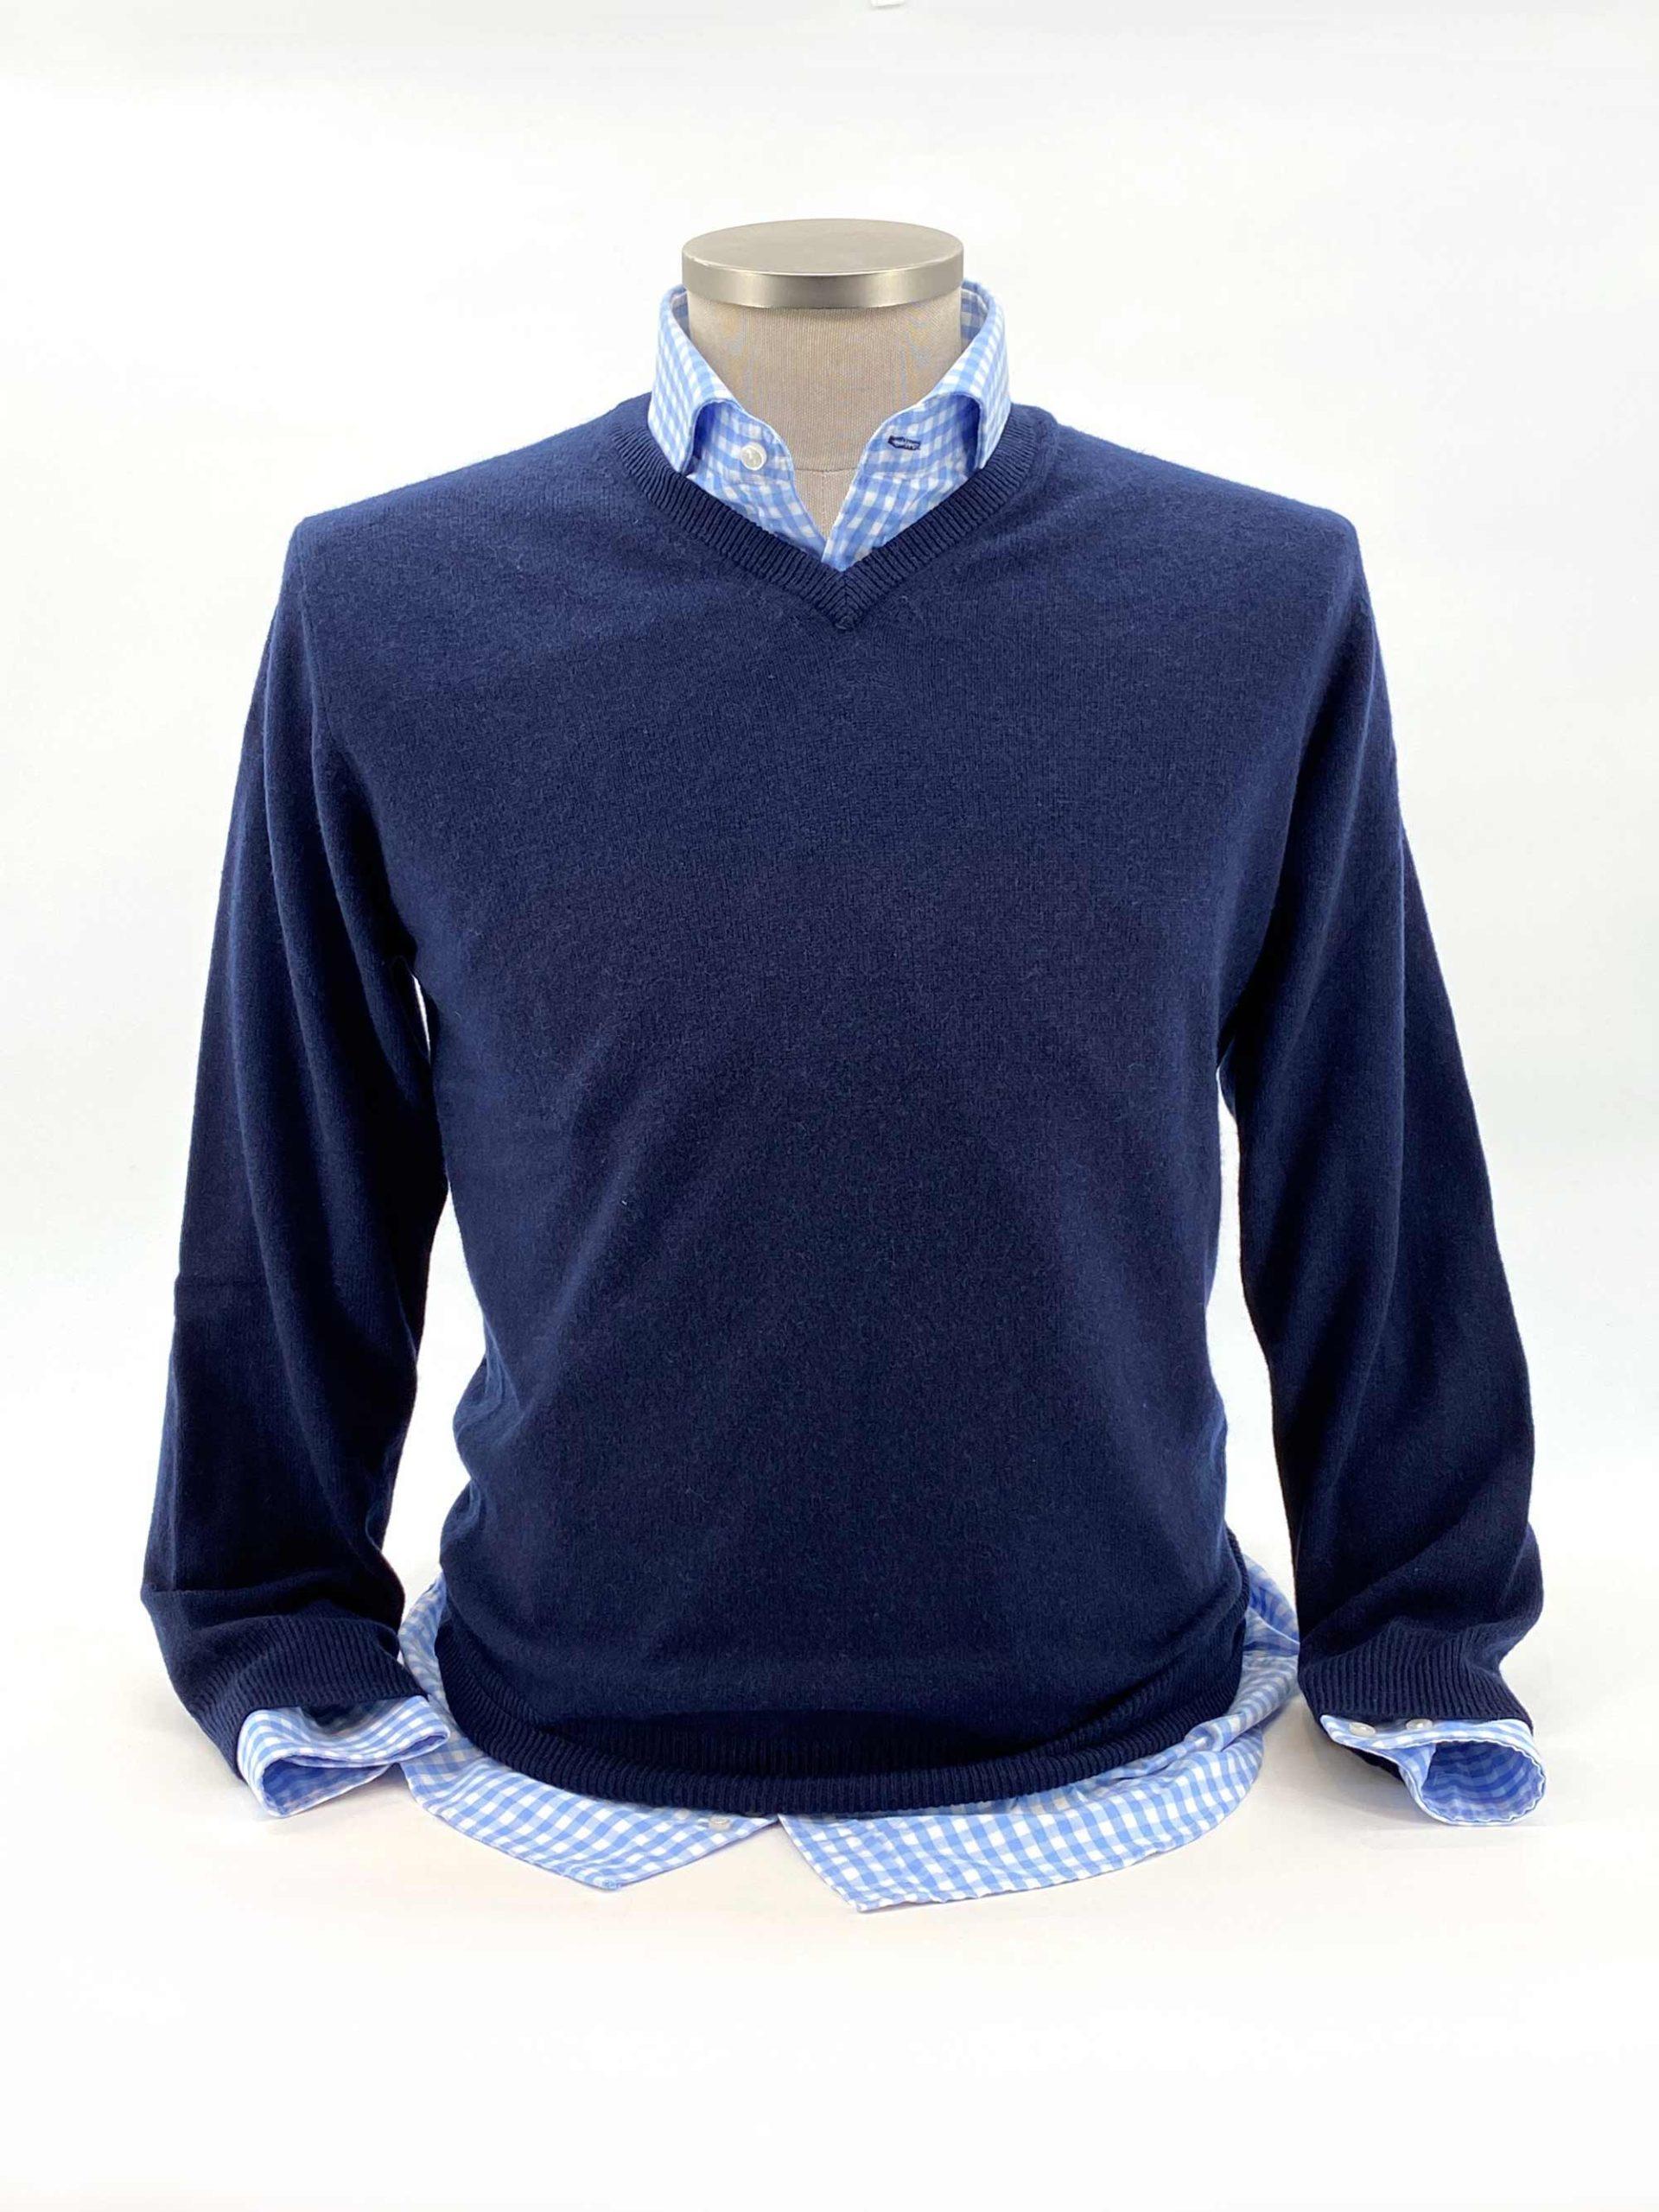 camisas buona fortuna comprar online camisas italianas exlusivas twill cuadros azules corbata marron y jersey azul